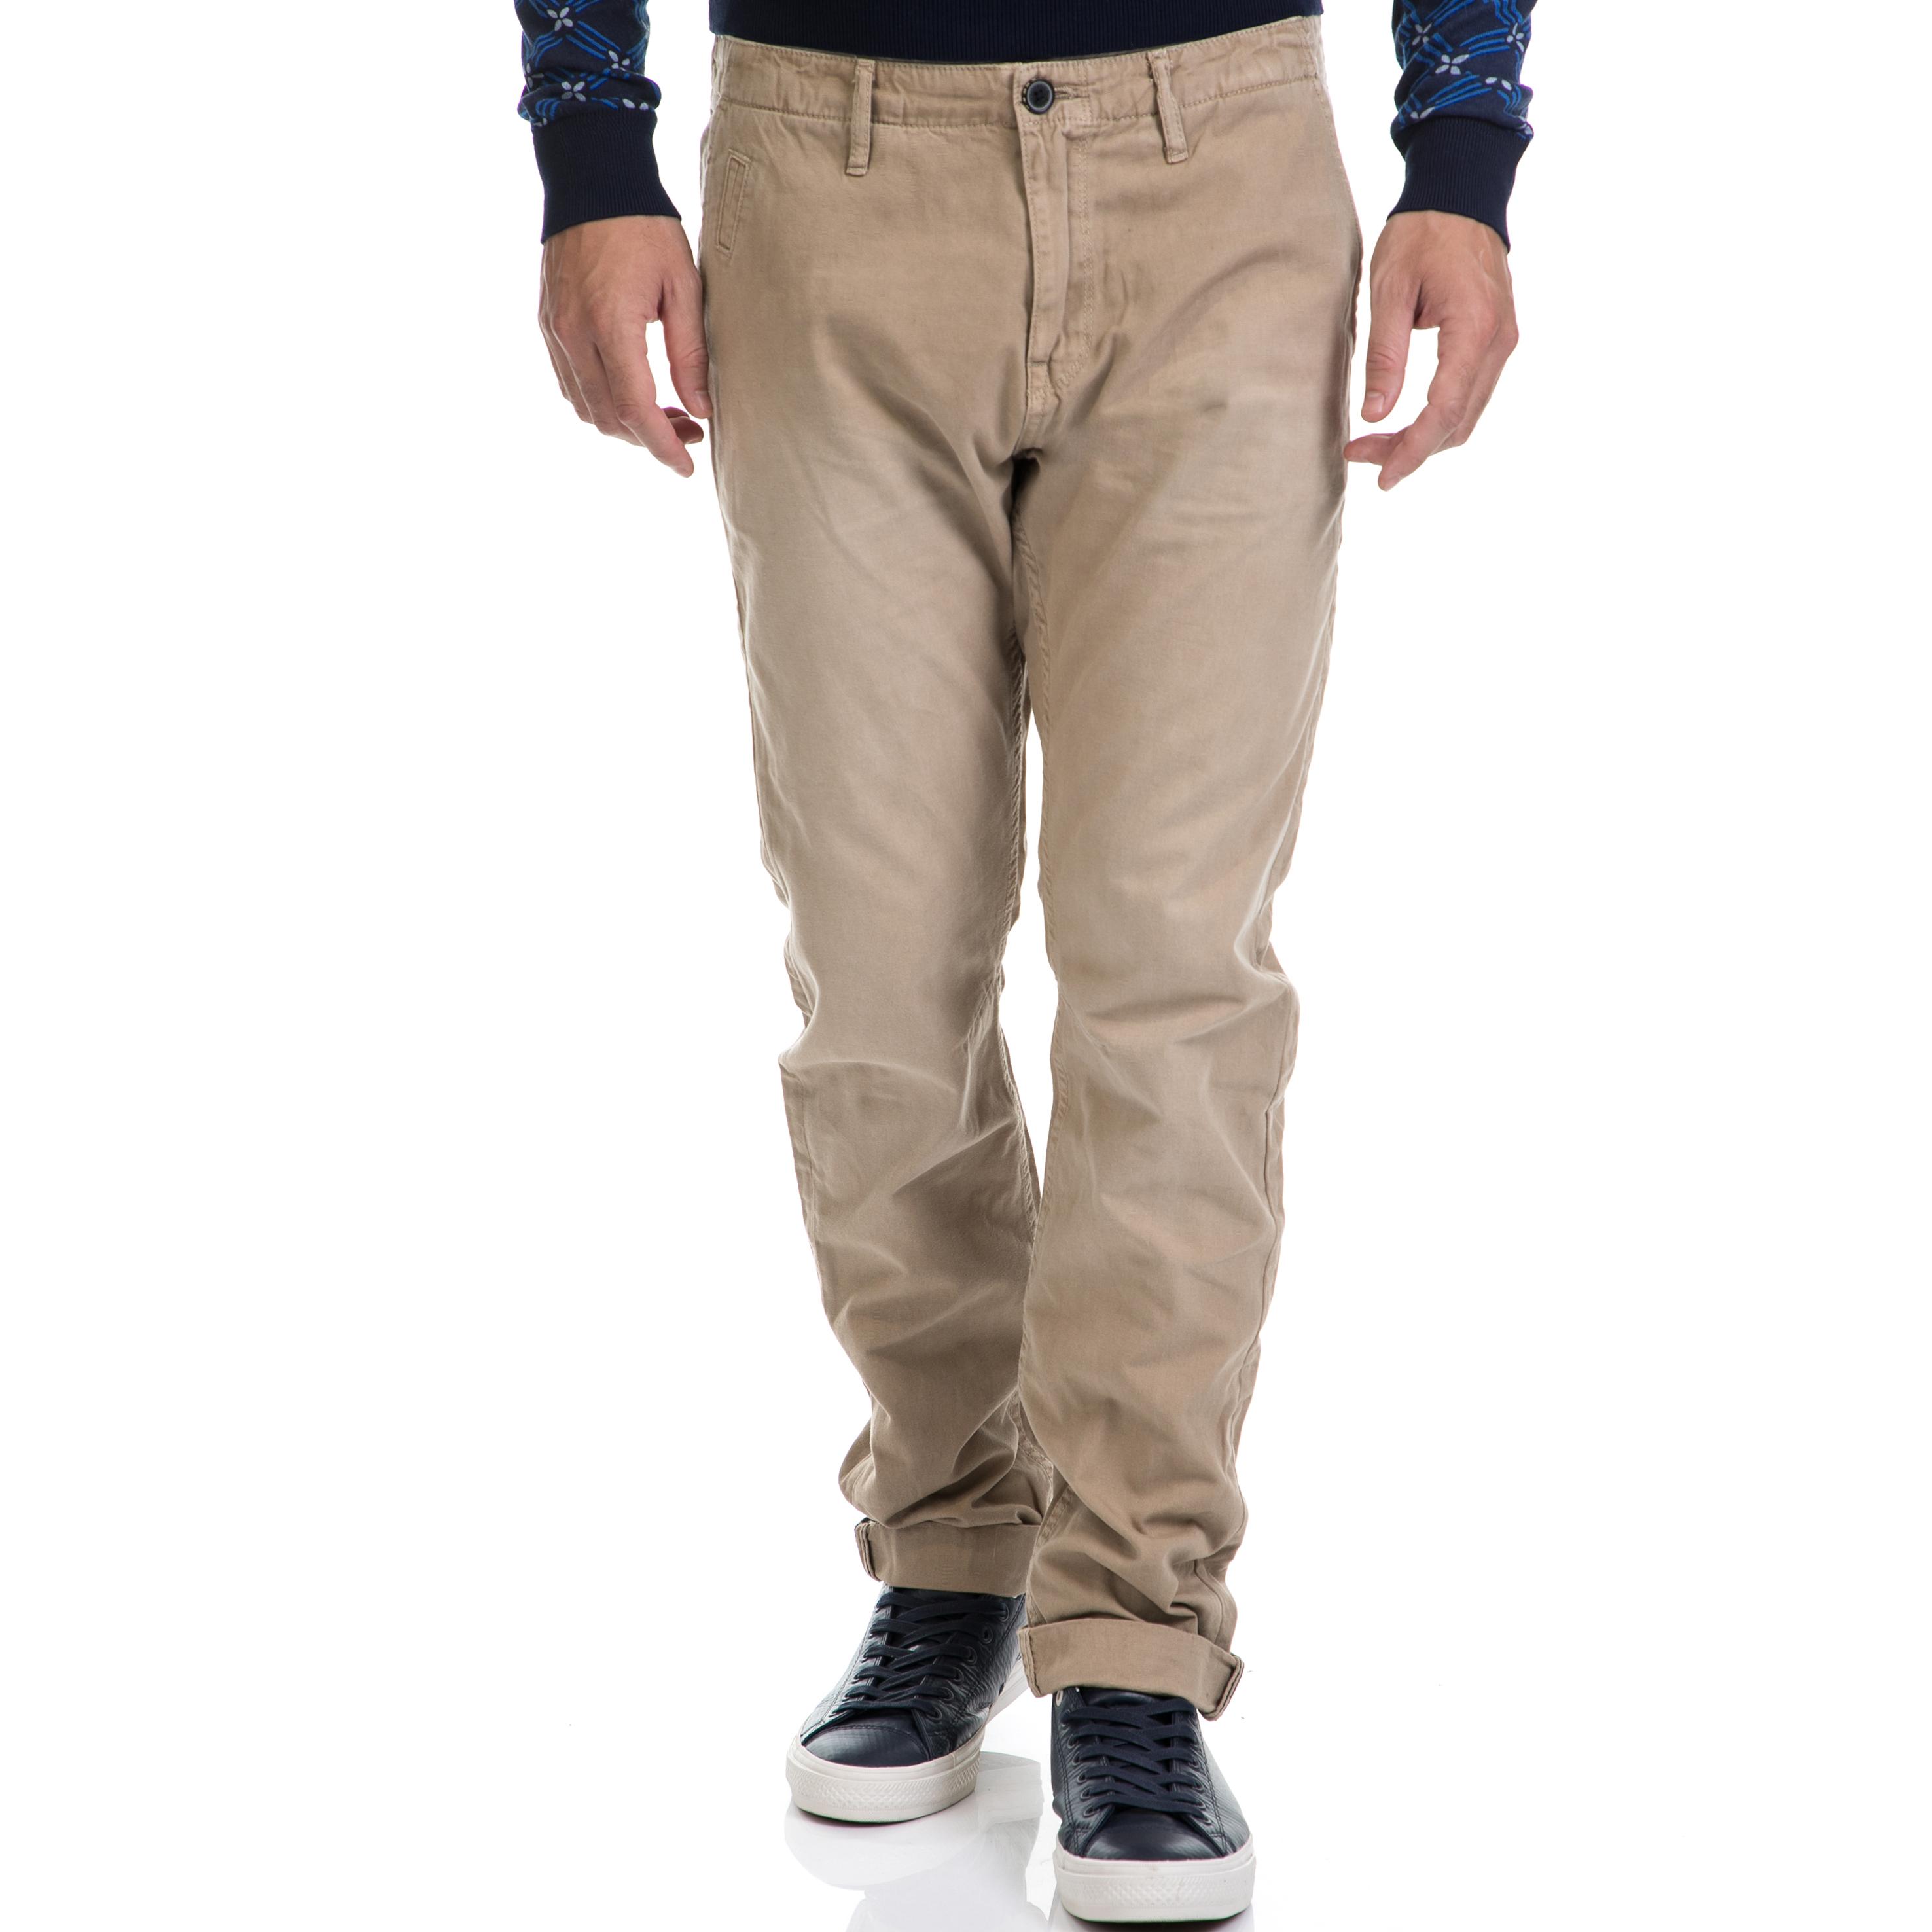 SCOTCH & SODA – Ανδρικό παντελόνι SCOTCH & SODA μπεζ